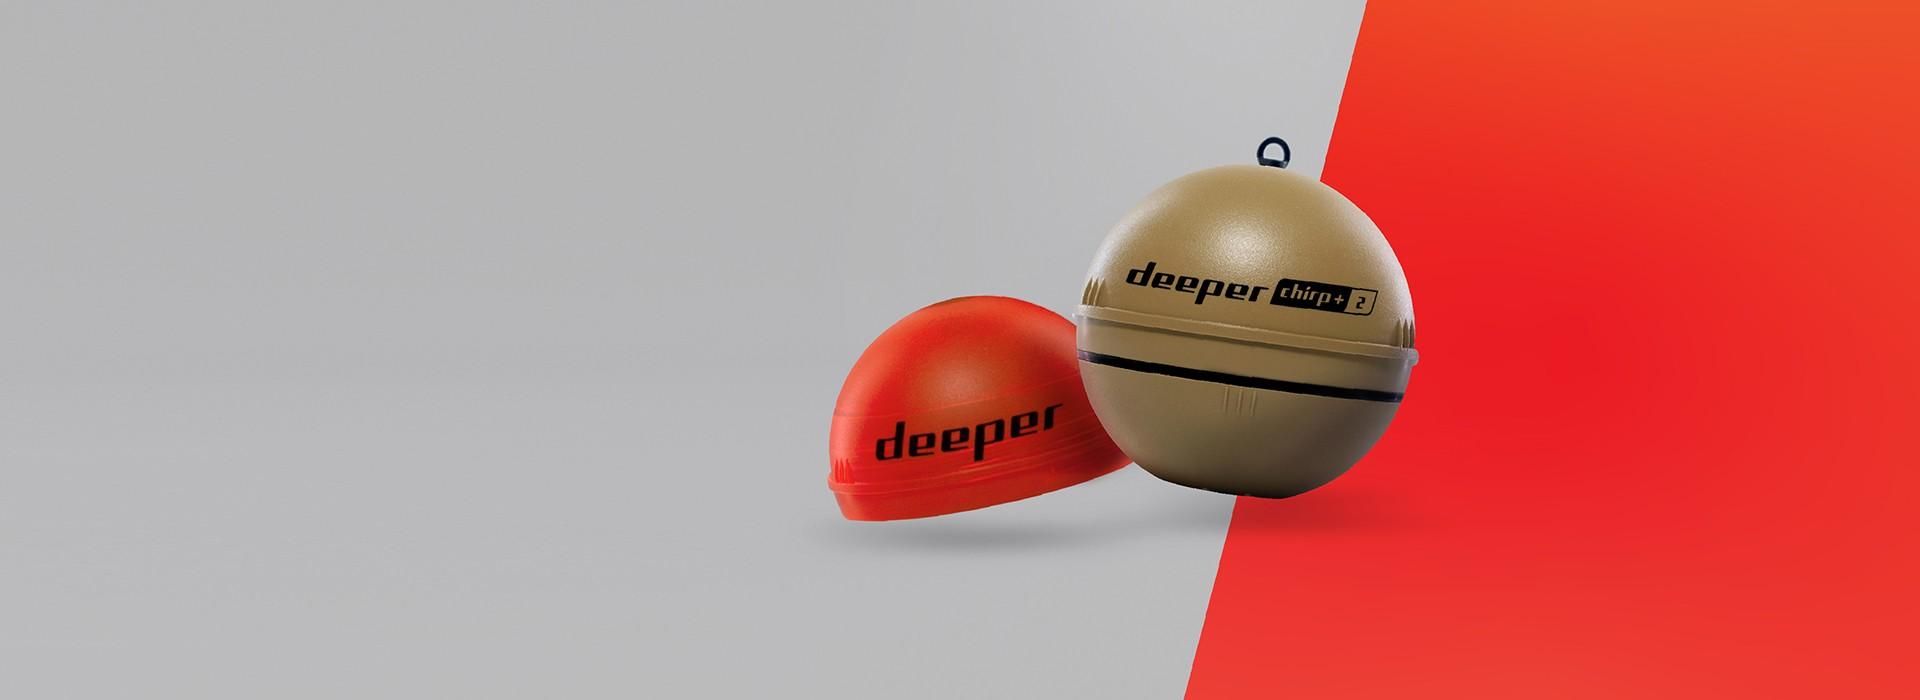 新しいDeeper CHIRP+ 2をご紹介します! 現在のところ、当社が作った最強のソナーです。